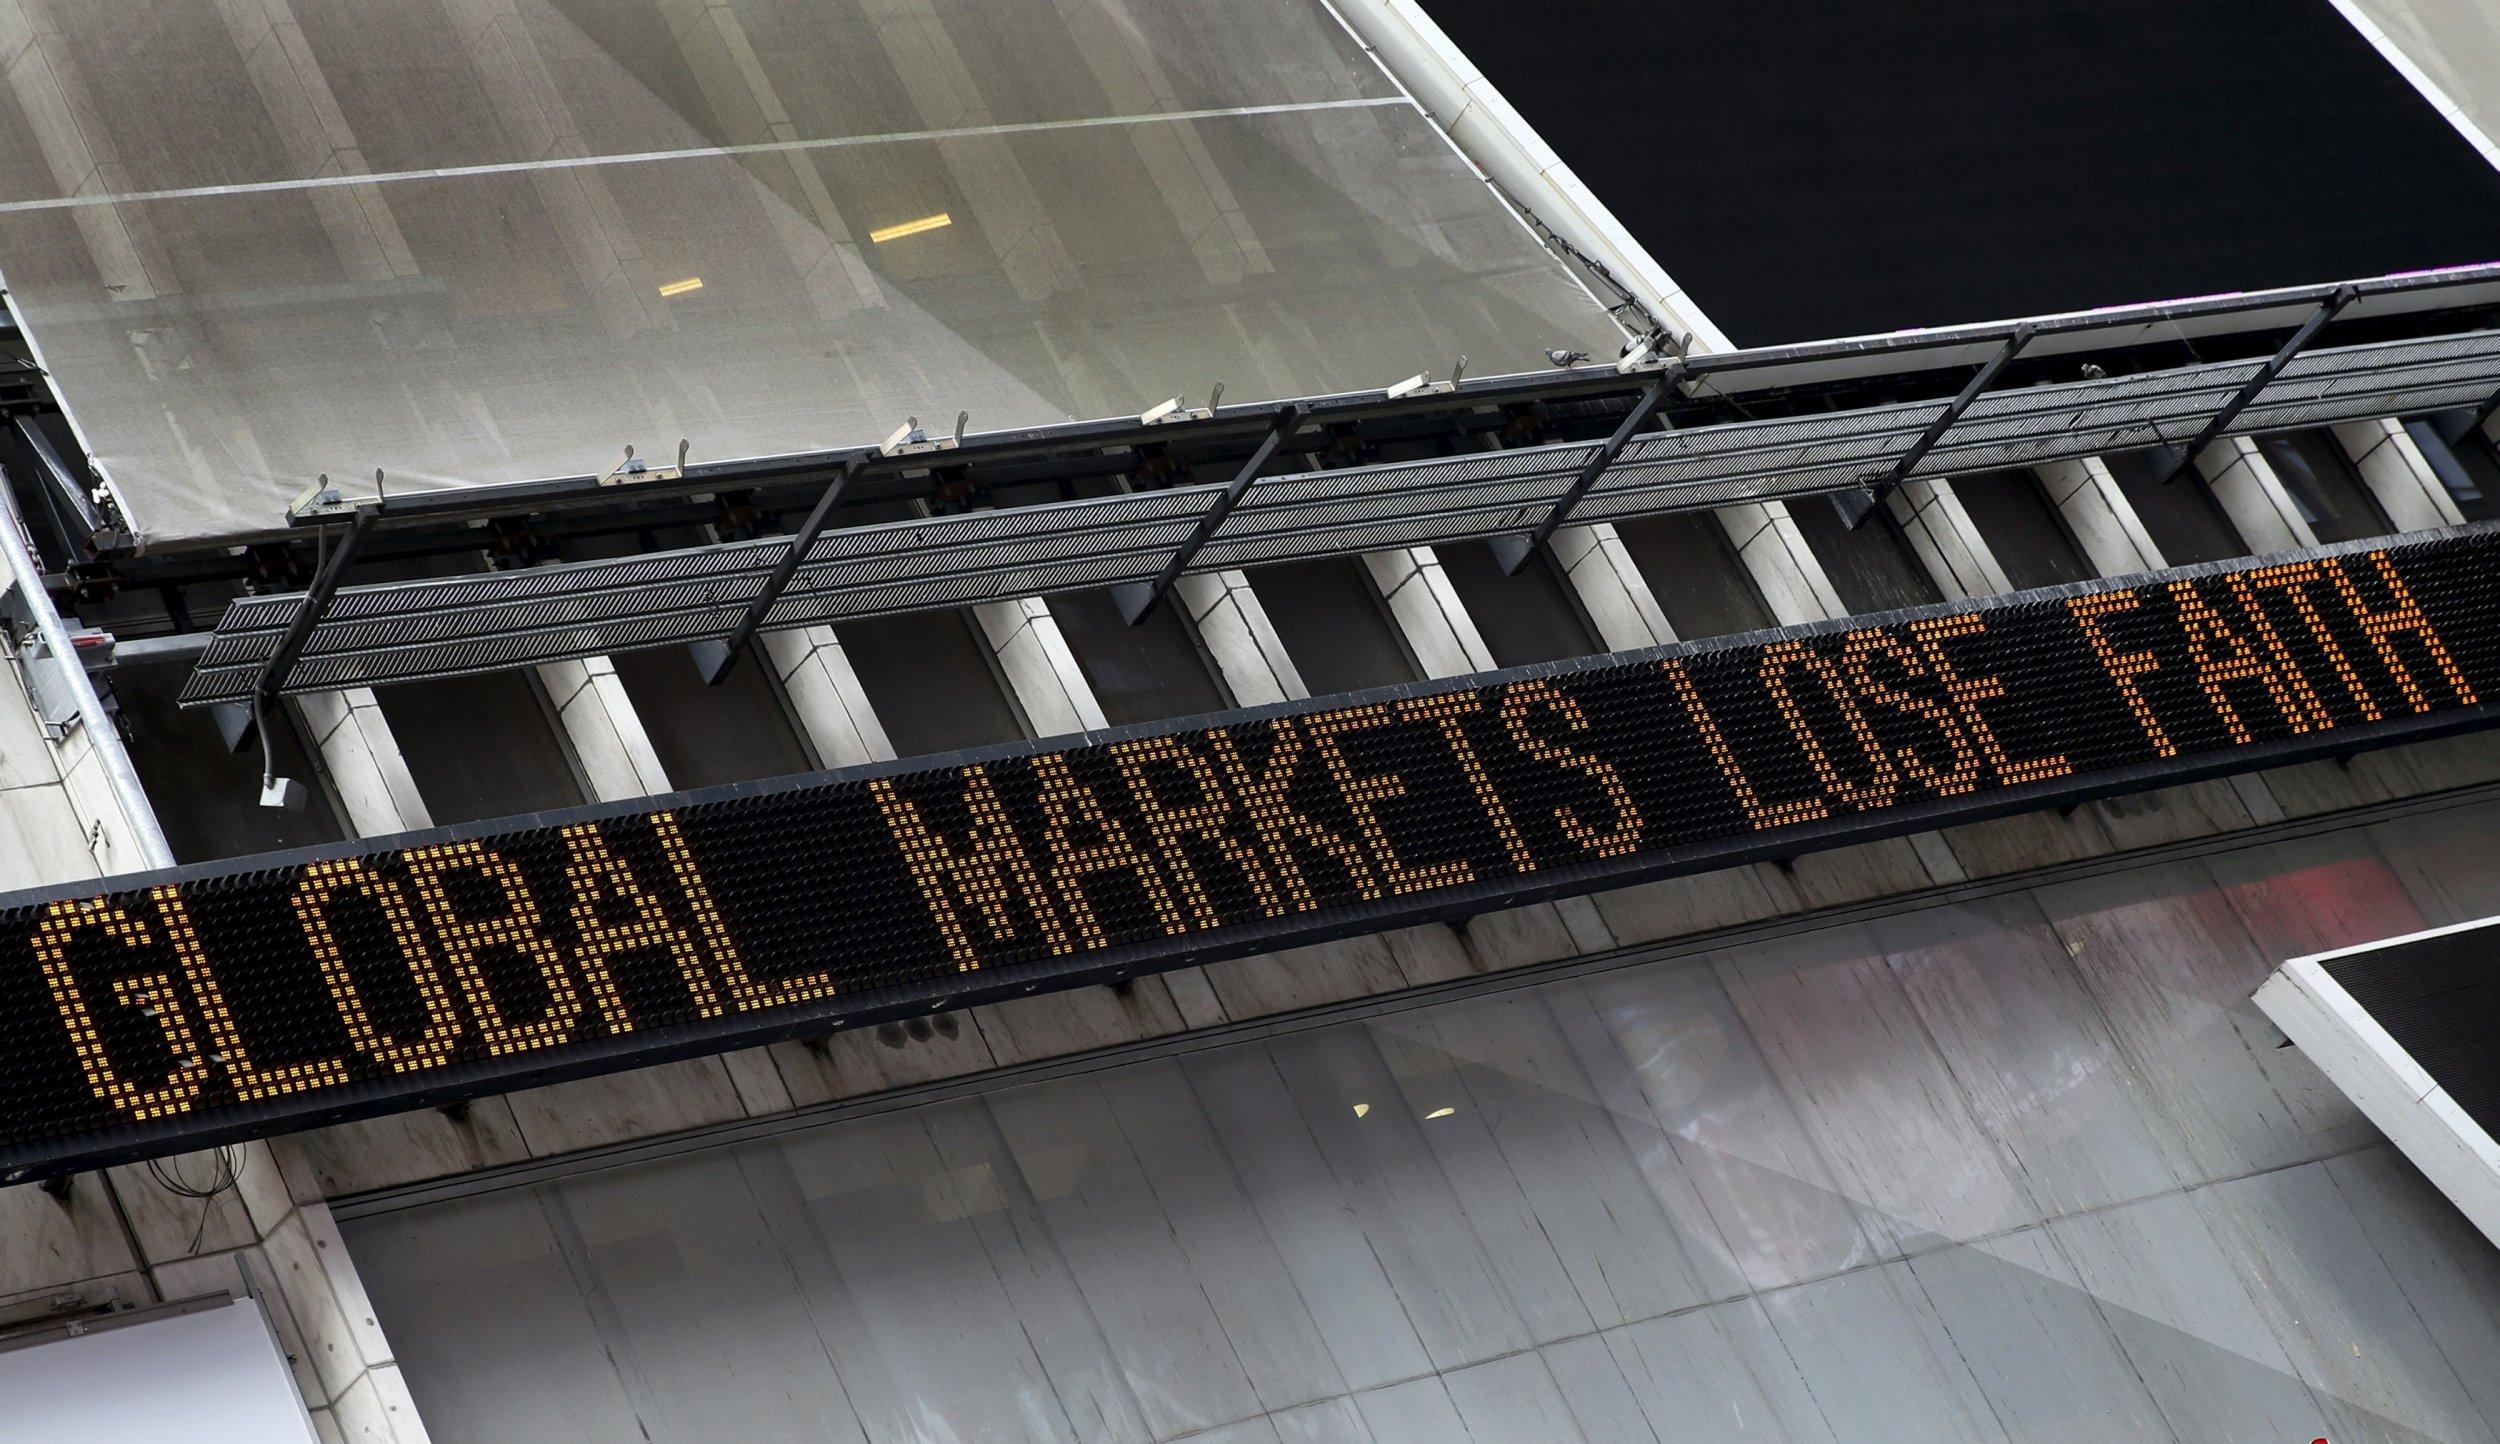 global stocks plummet